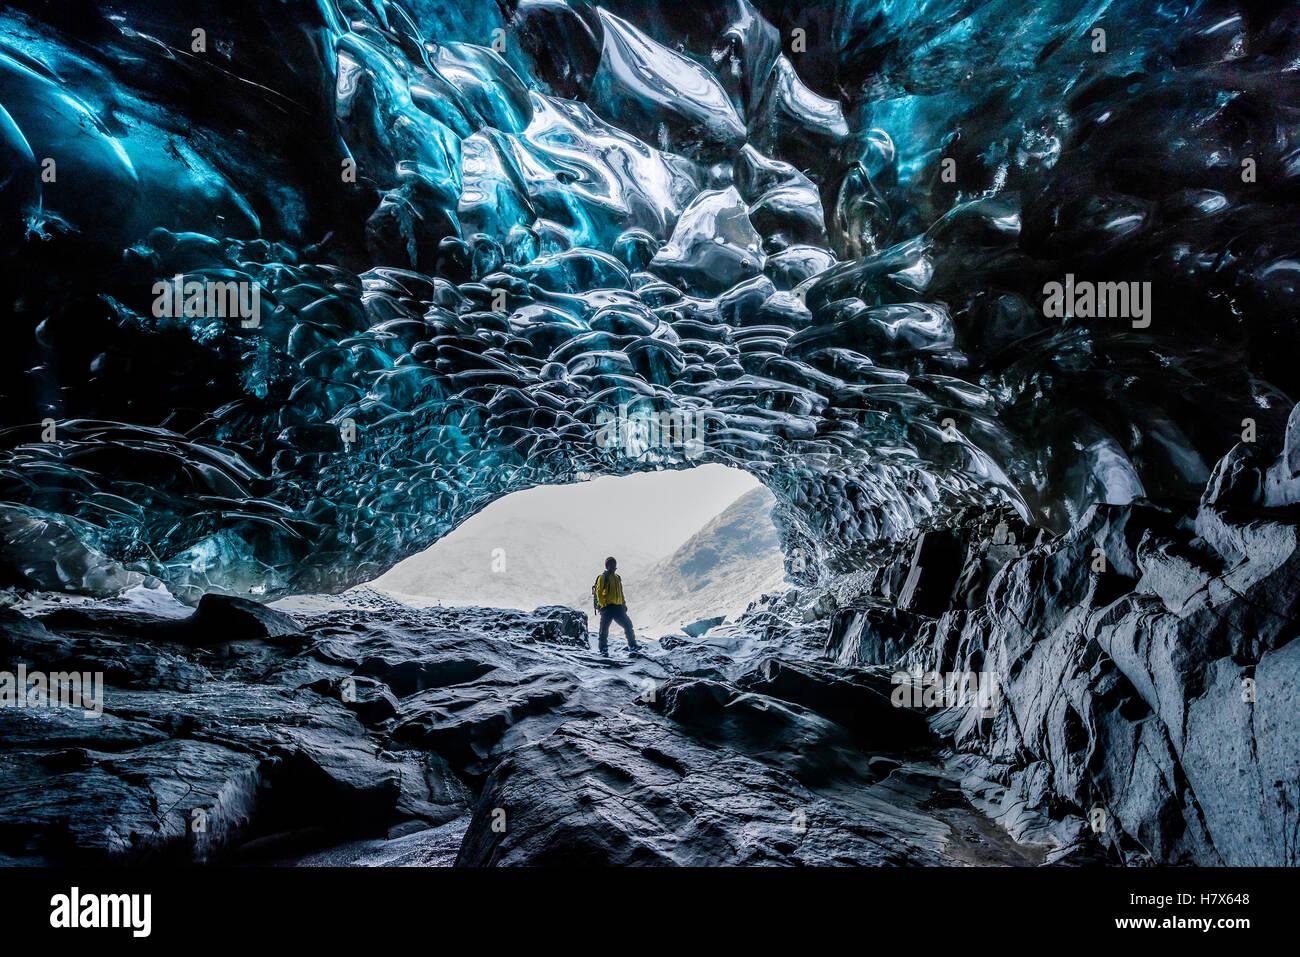 Dentro de cuevas de hielo en Islandia Foto de stock